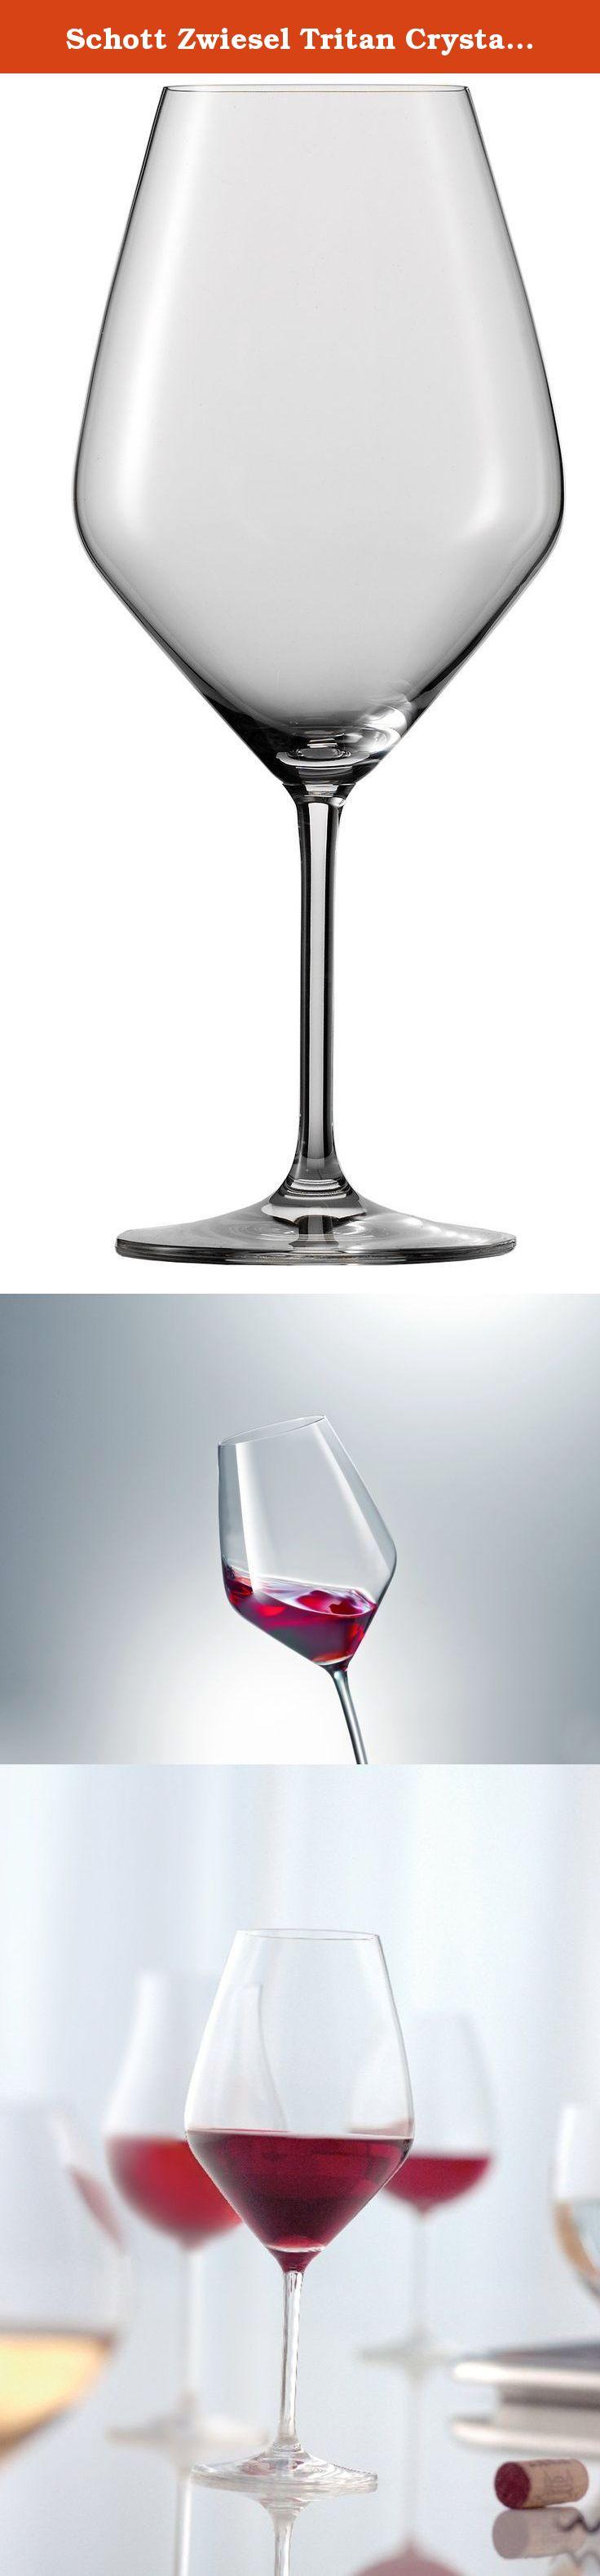 Schott Zwiesel Tritan Crystal Glass Stemware Full Bodied